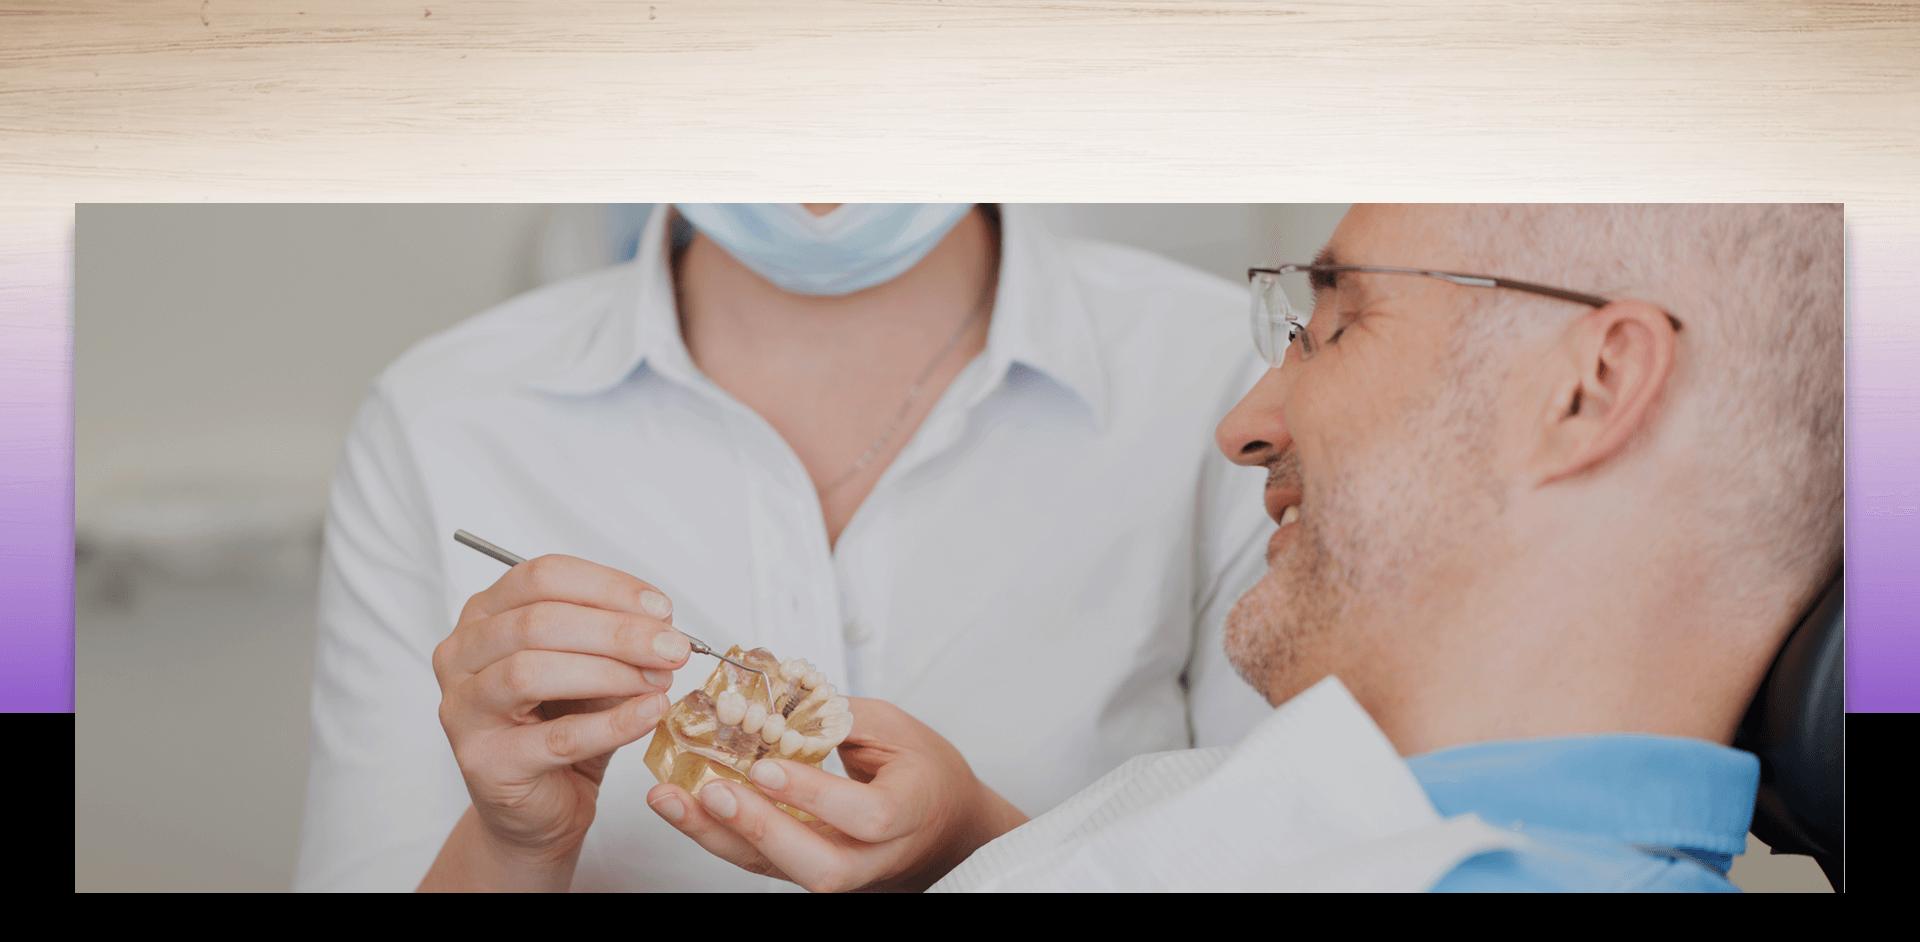 Elderly patient looking at dental apparatus